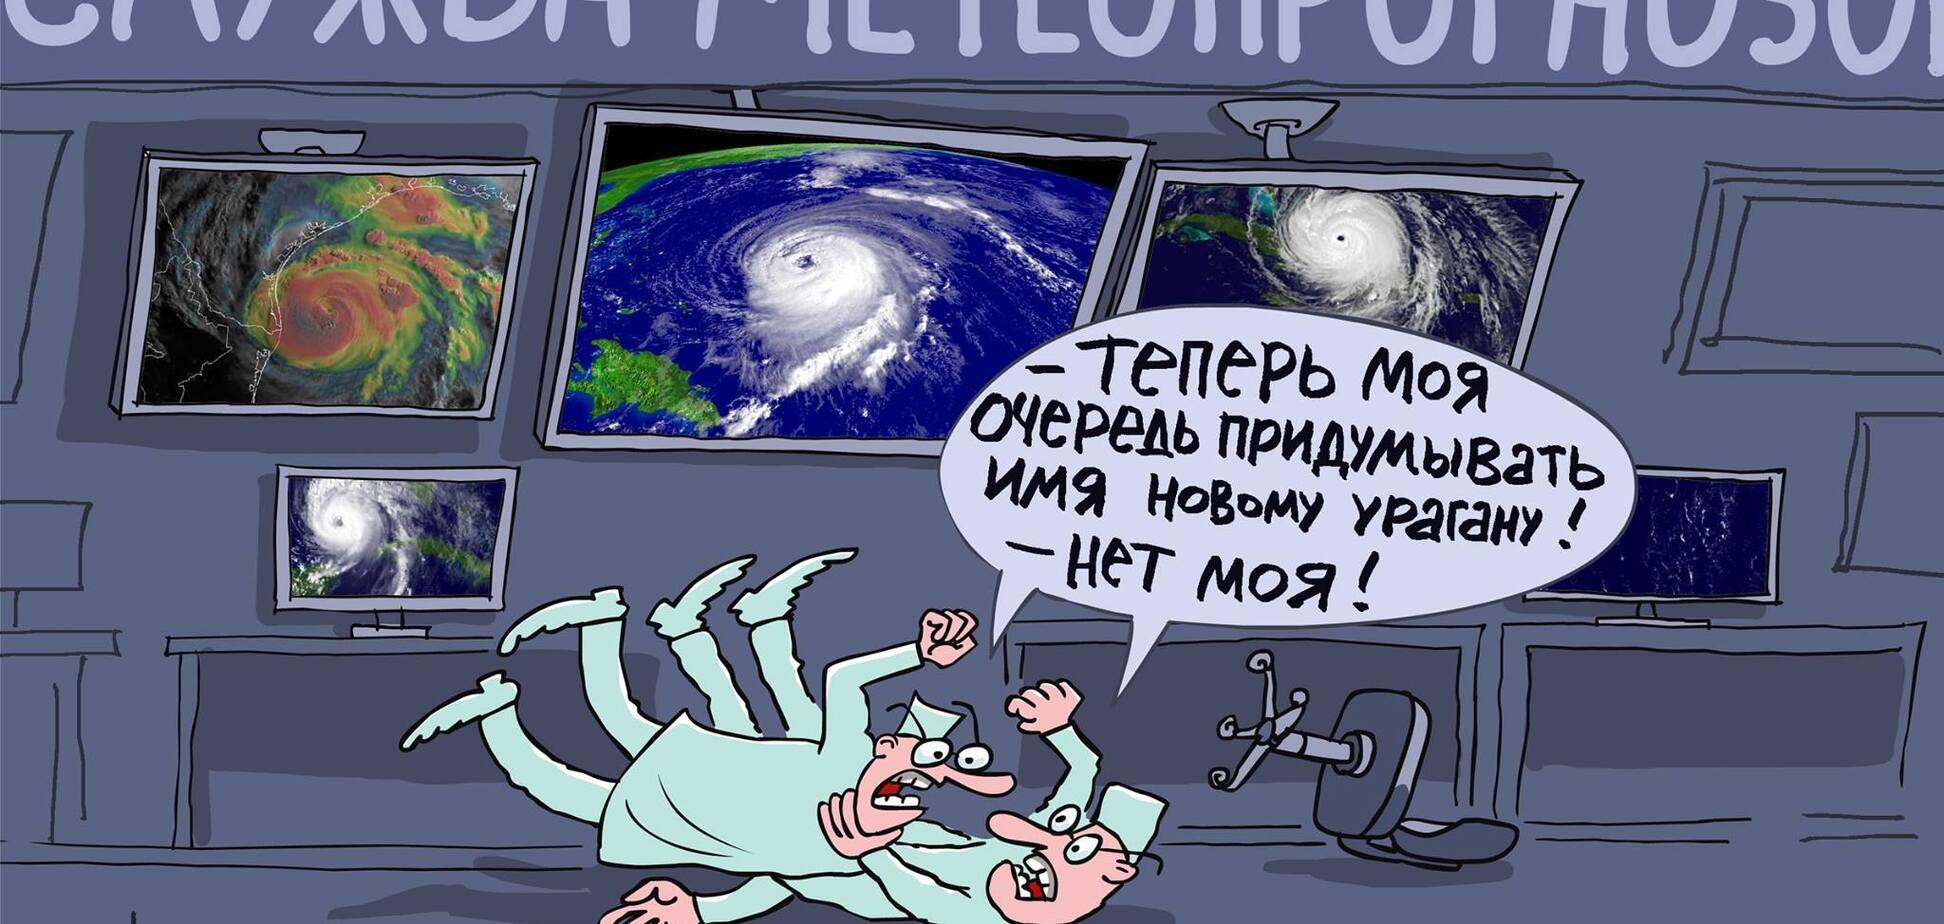 Ураган Ирма: известный карикатурист показал, как дают имена стихийным бедствиям